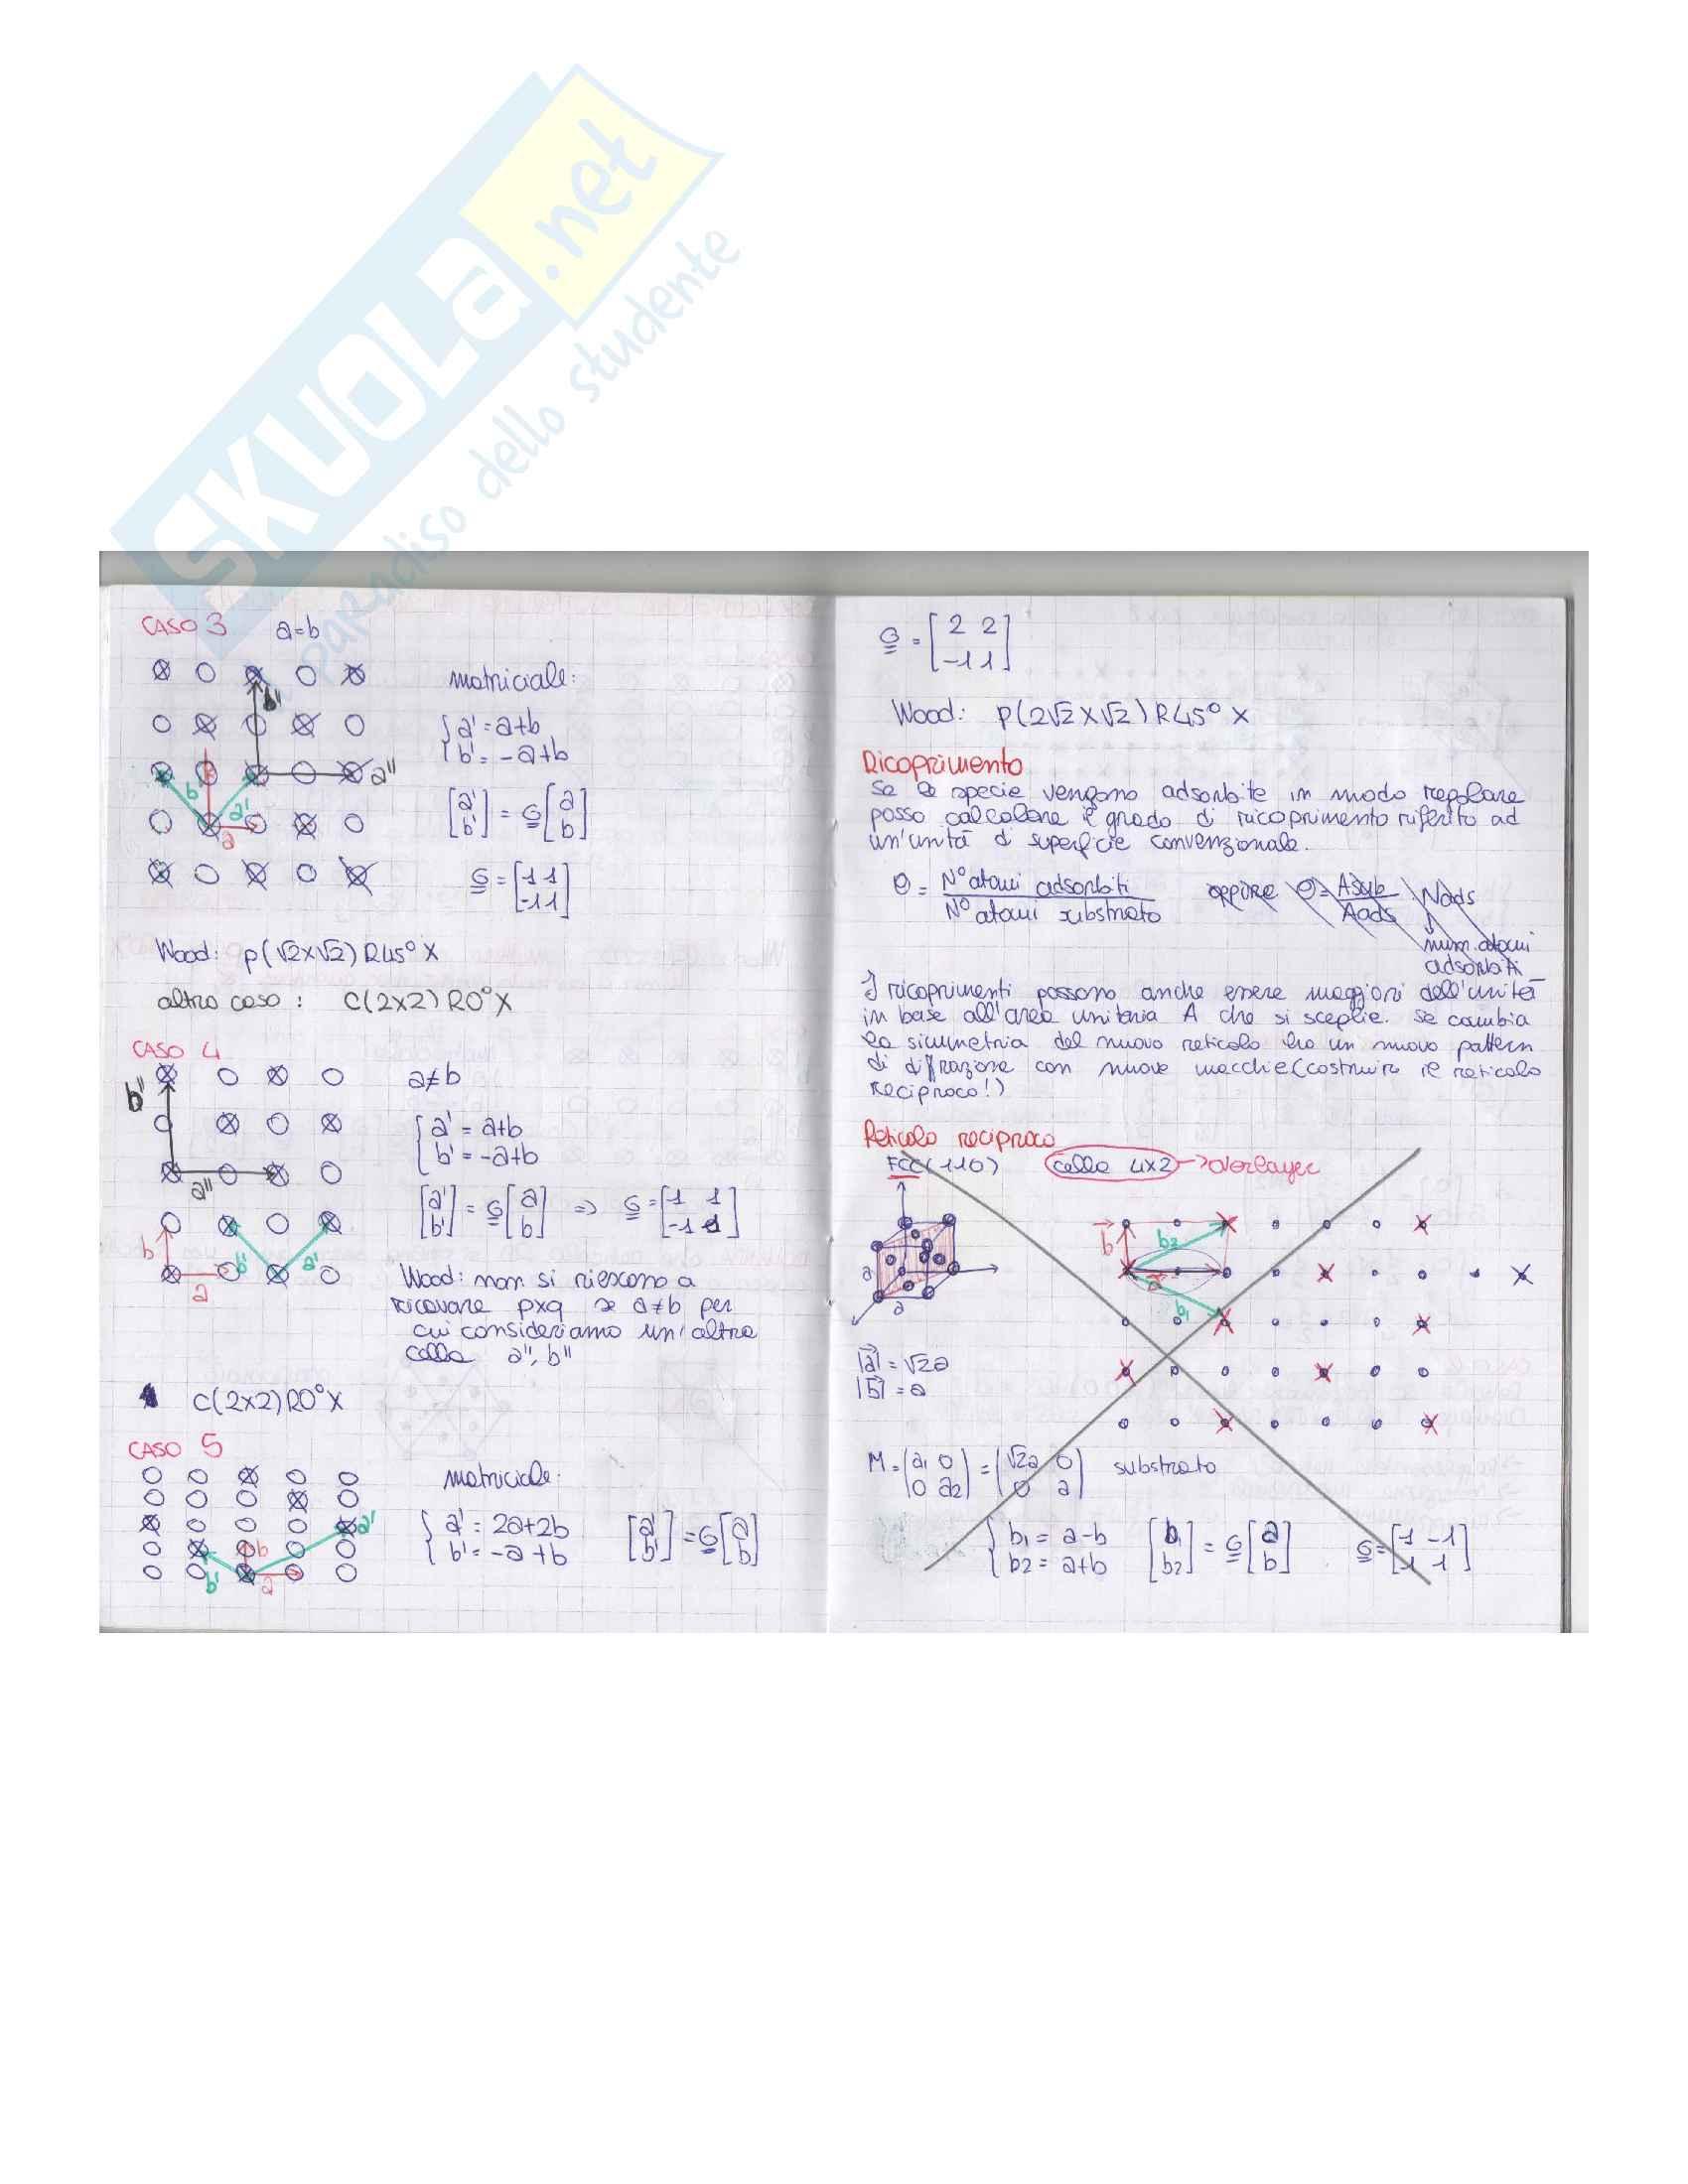 Tecniche di caratterizzazione ed analisi dei materiali e delle superfici - esercizi e temi d'esame Pag. 16